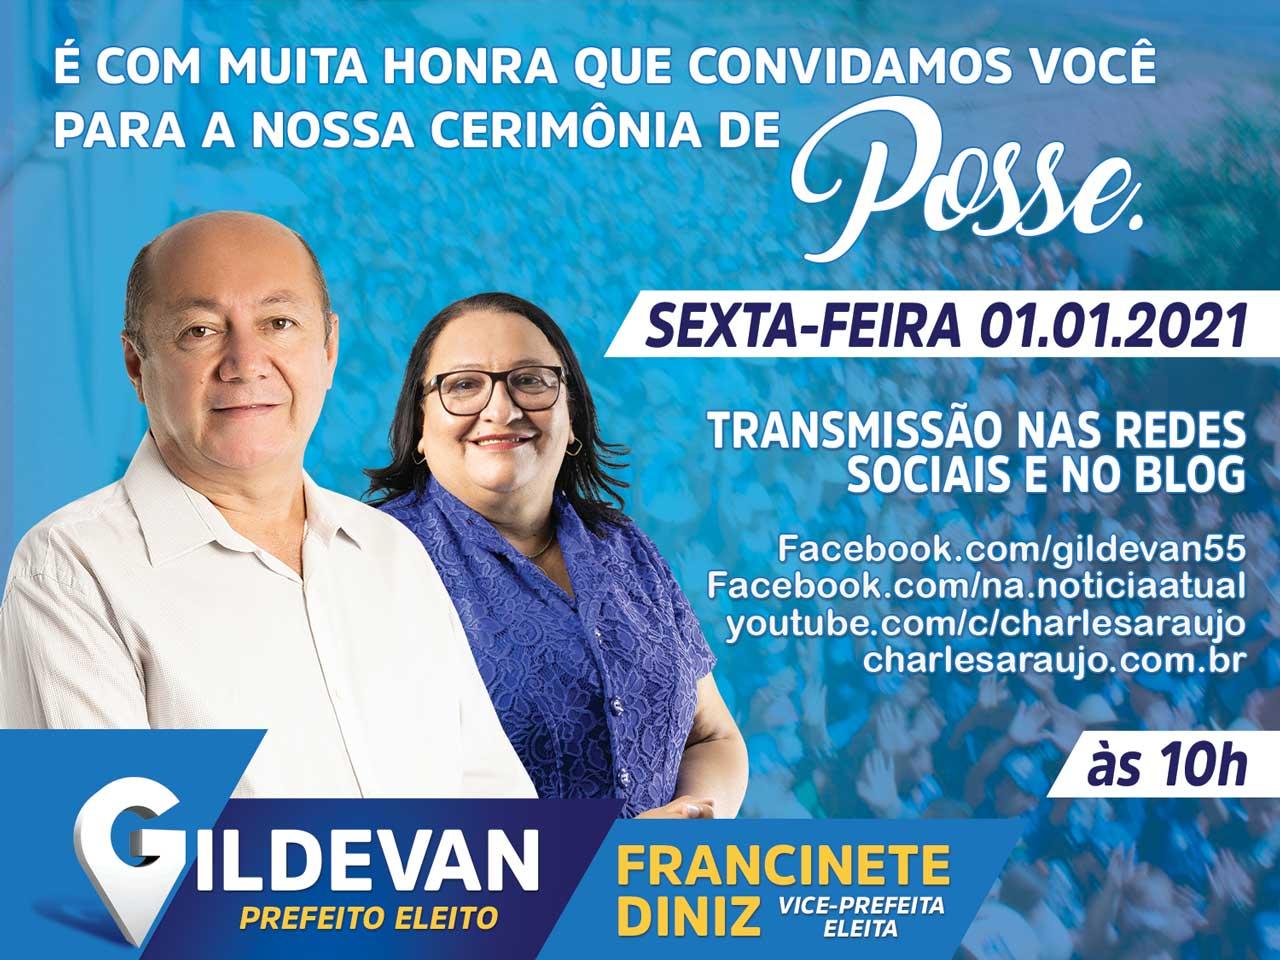 Gildevan Melo e Francinete Diniz convidam para a Cerimônia de Posse, sexta (1)